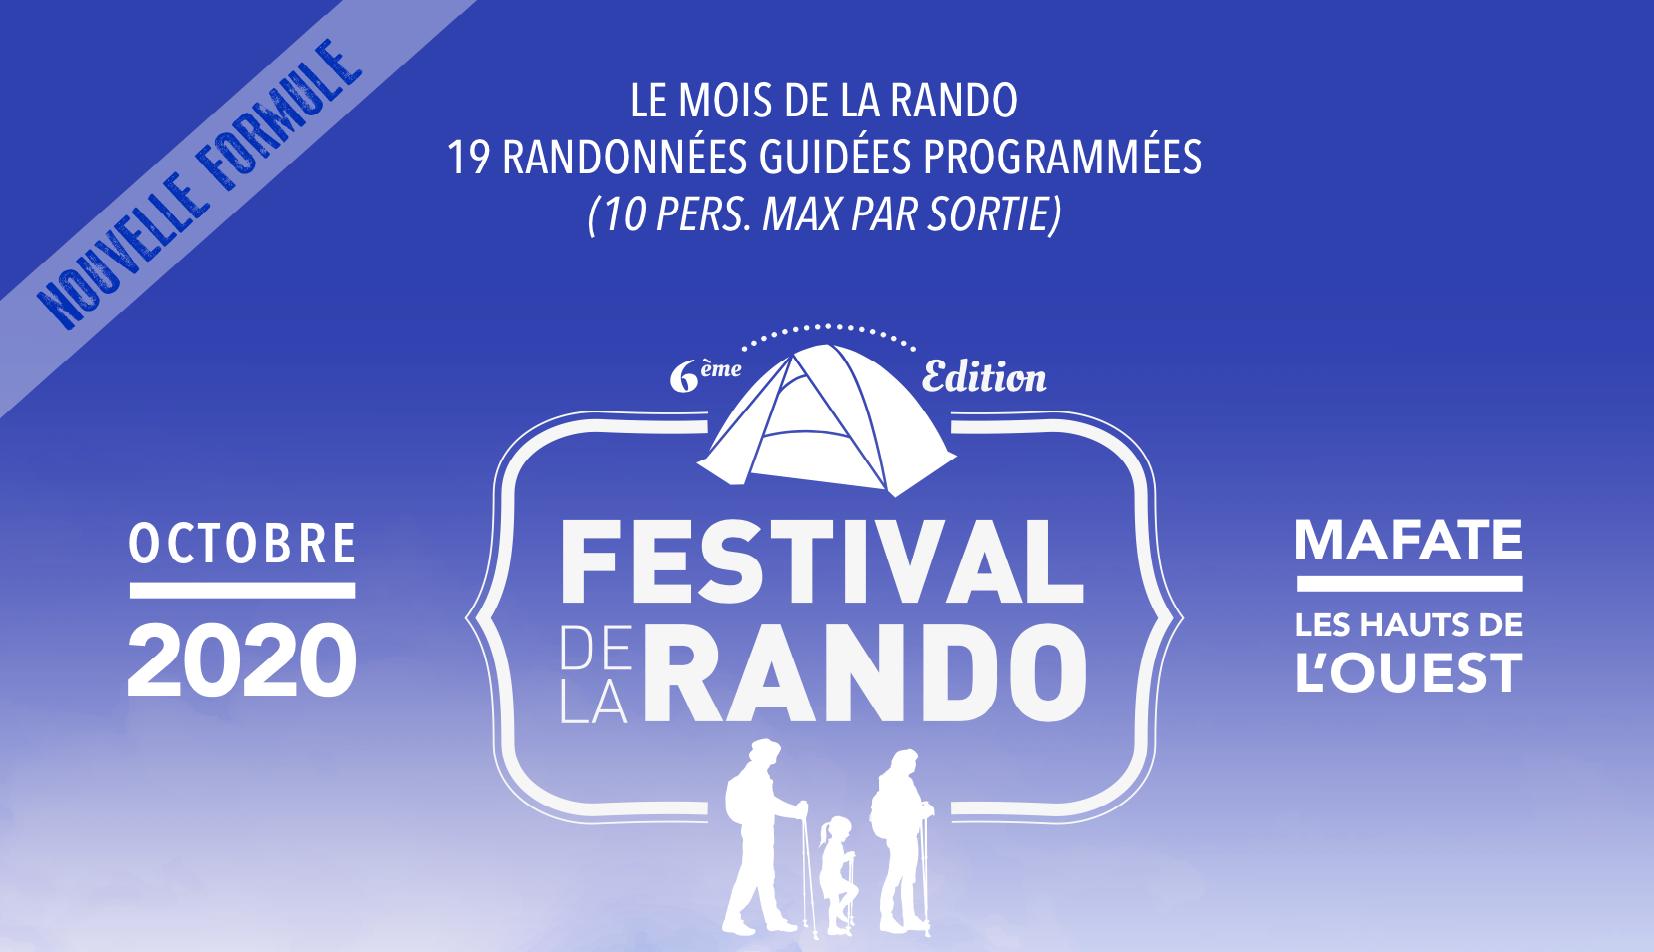 Le Festival de la Rando à La Réunion